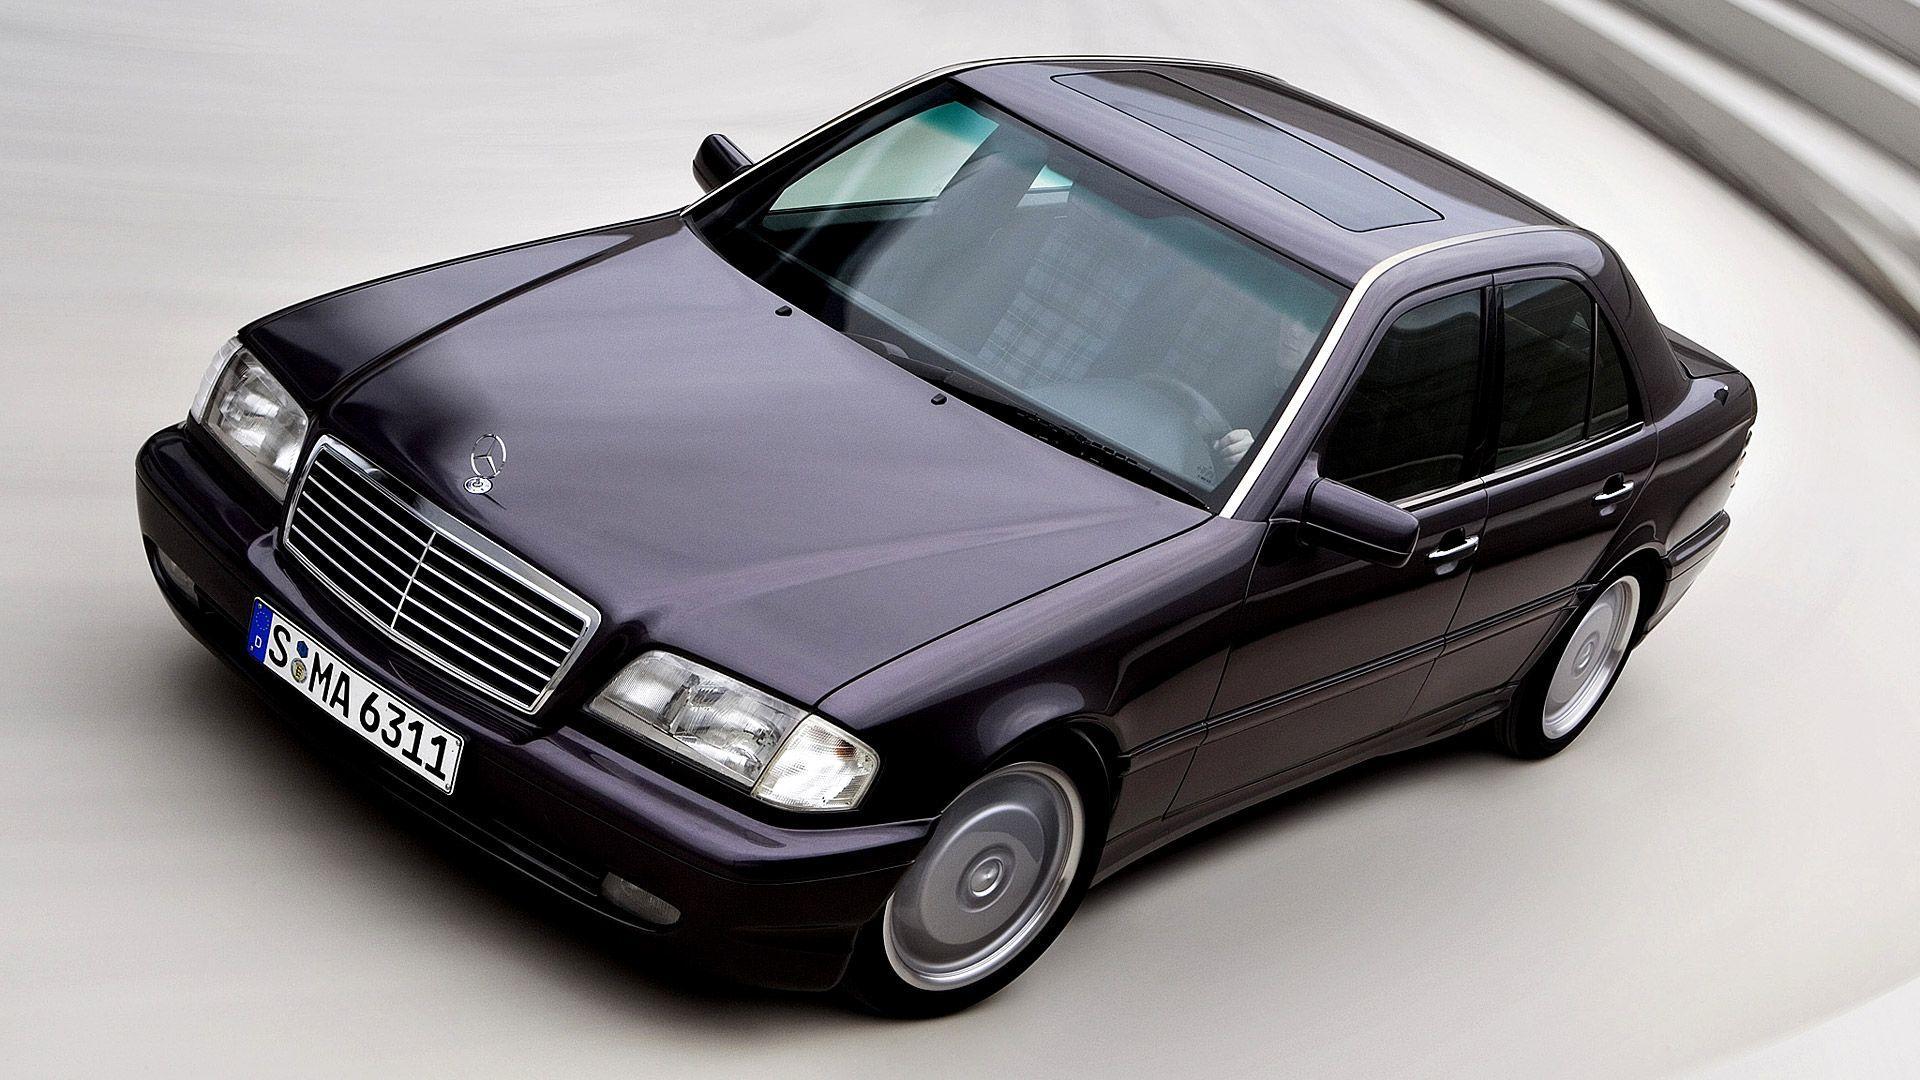 Mercedes-Benz C36 Wallpapers - Wallpaper Cave